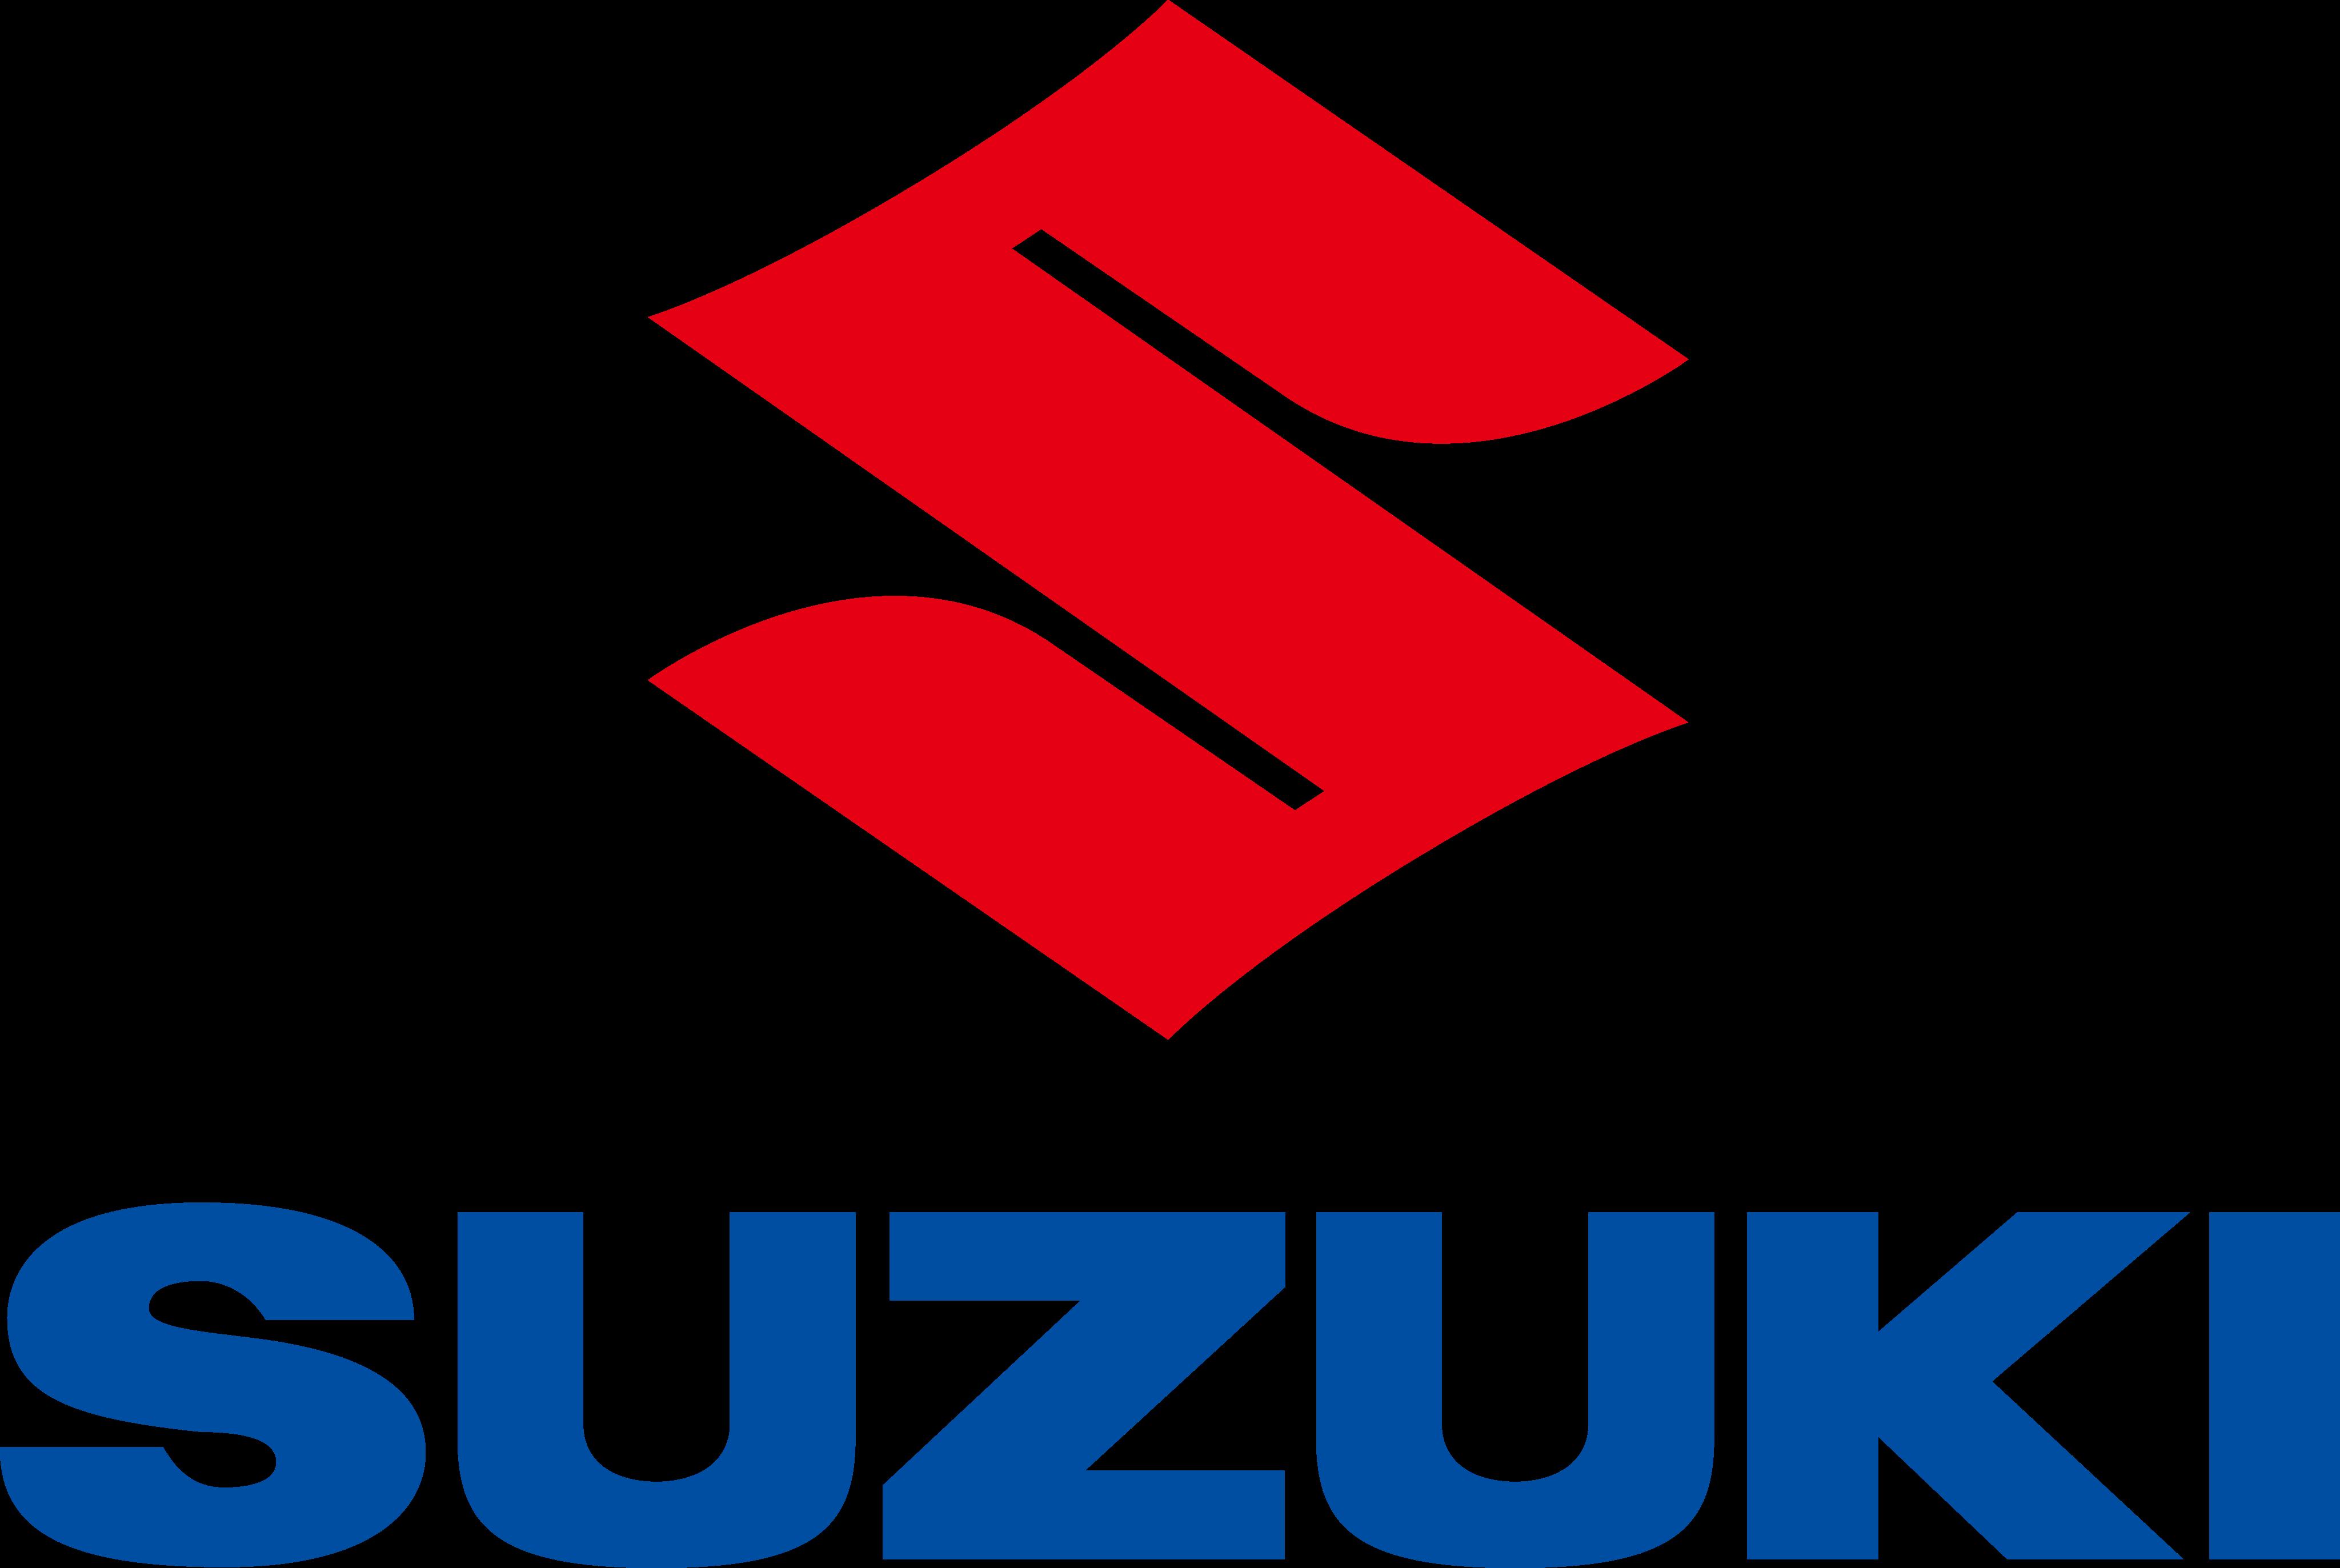 suzuki-logo-1-1